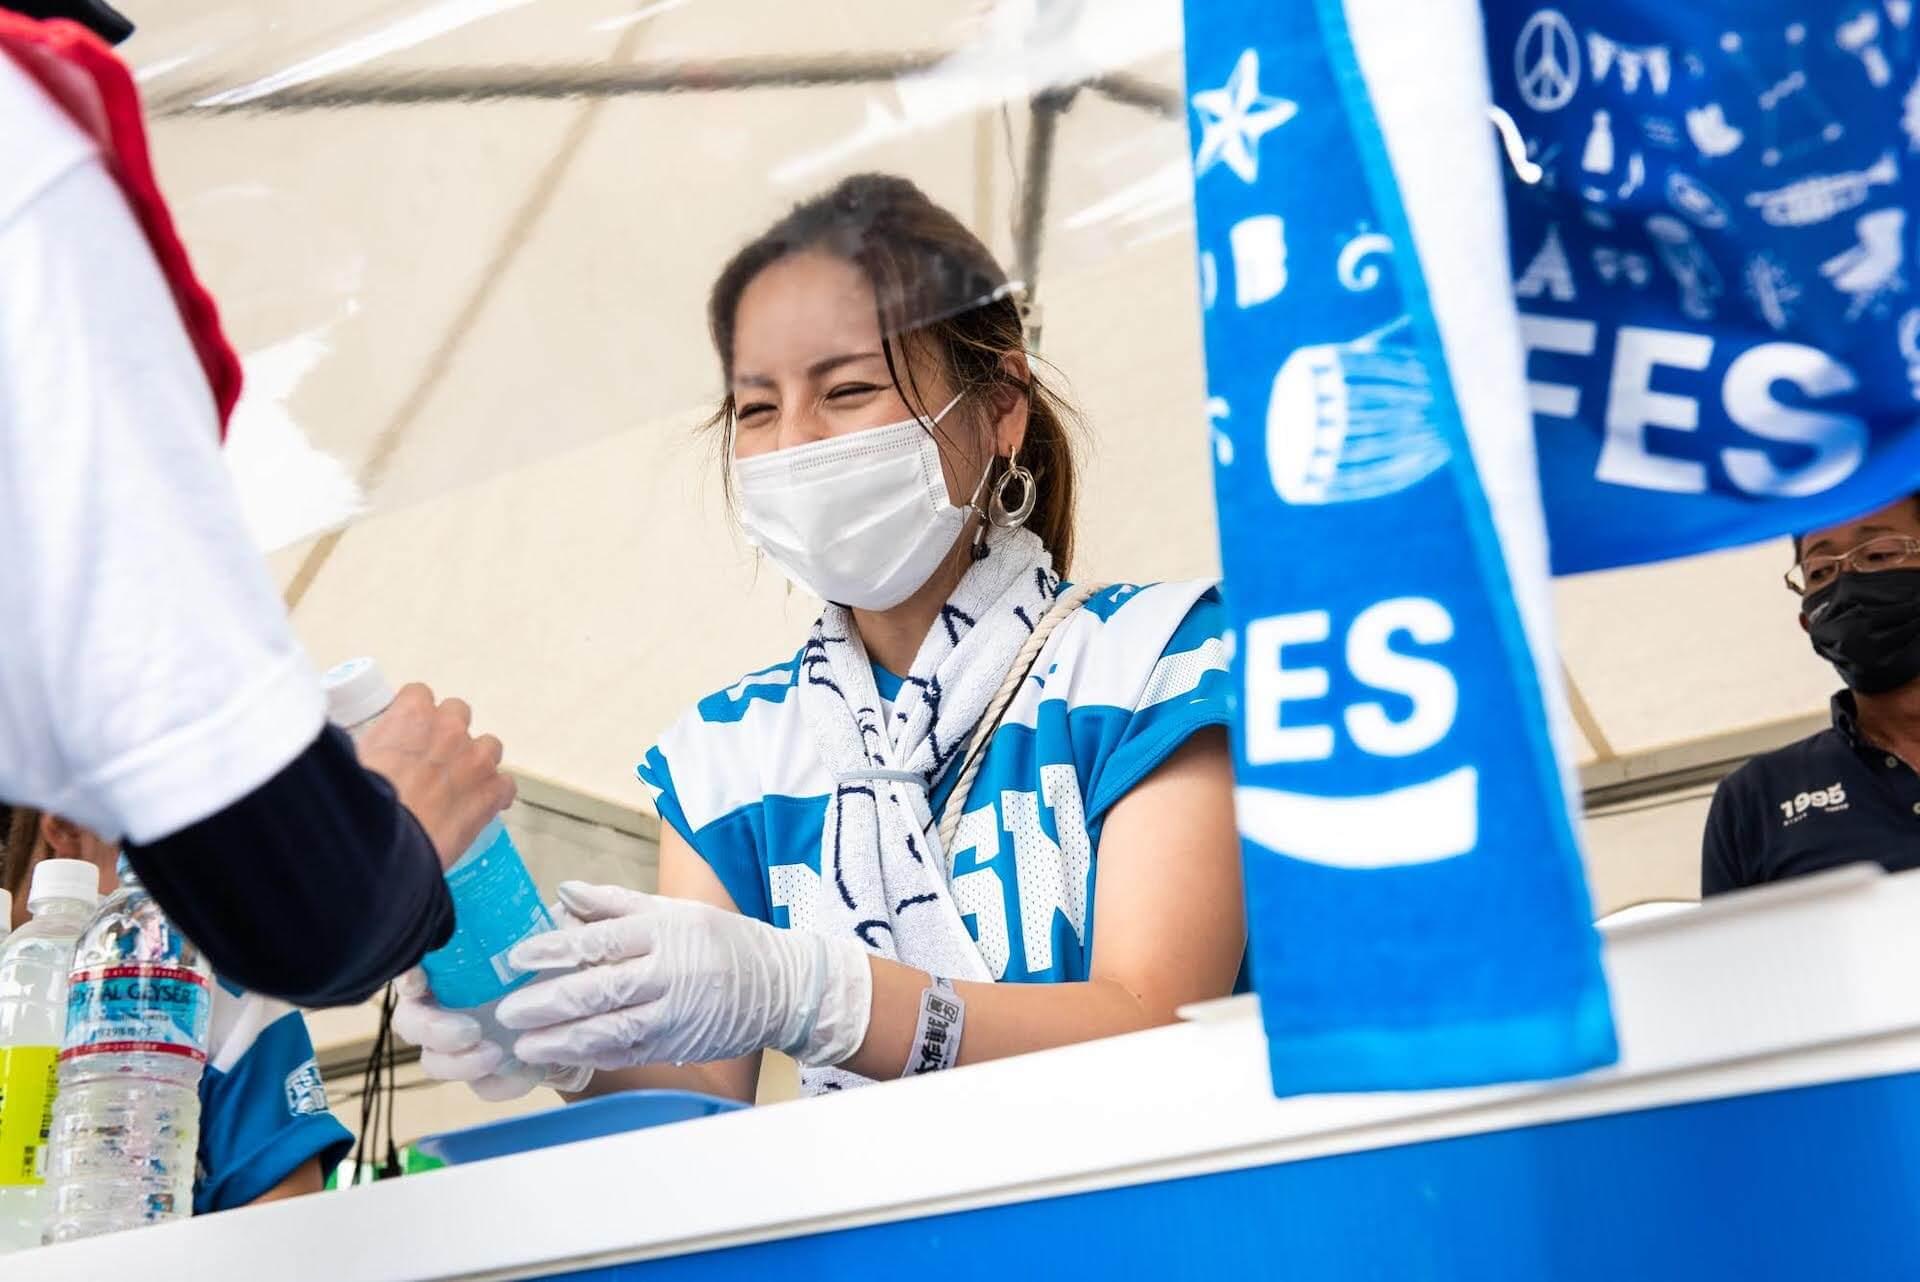 日本最大のフェス情報サイト『Festival Life』とPOCARI SWEATがコラボ企画をスタート!京都大作戦の現地レポートも music210805_pocari-sweat-09